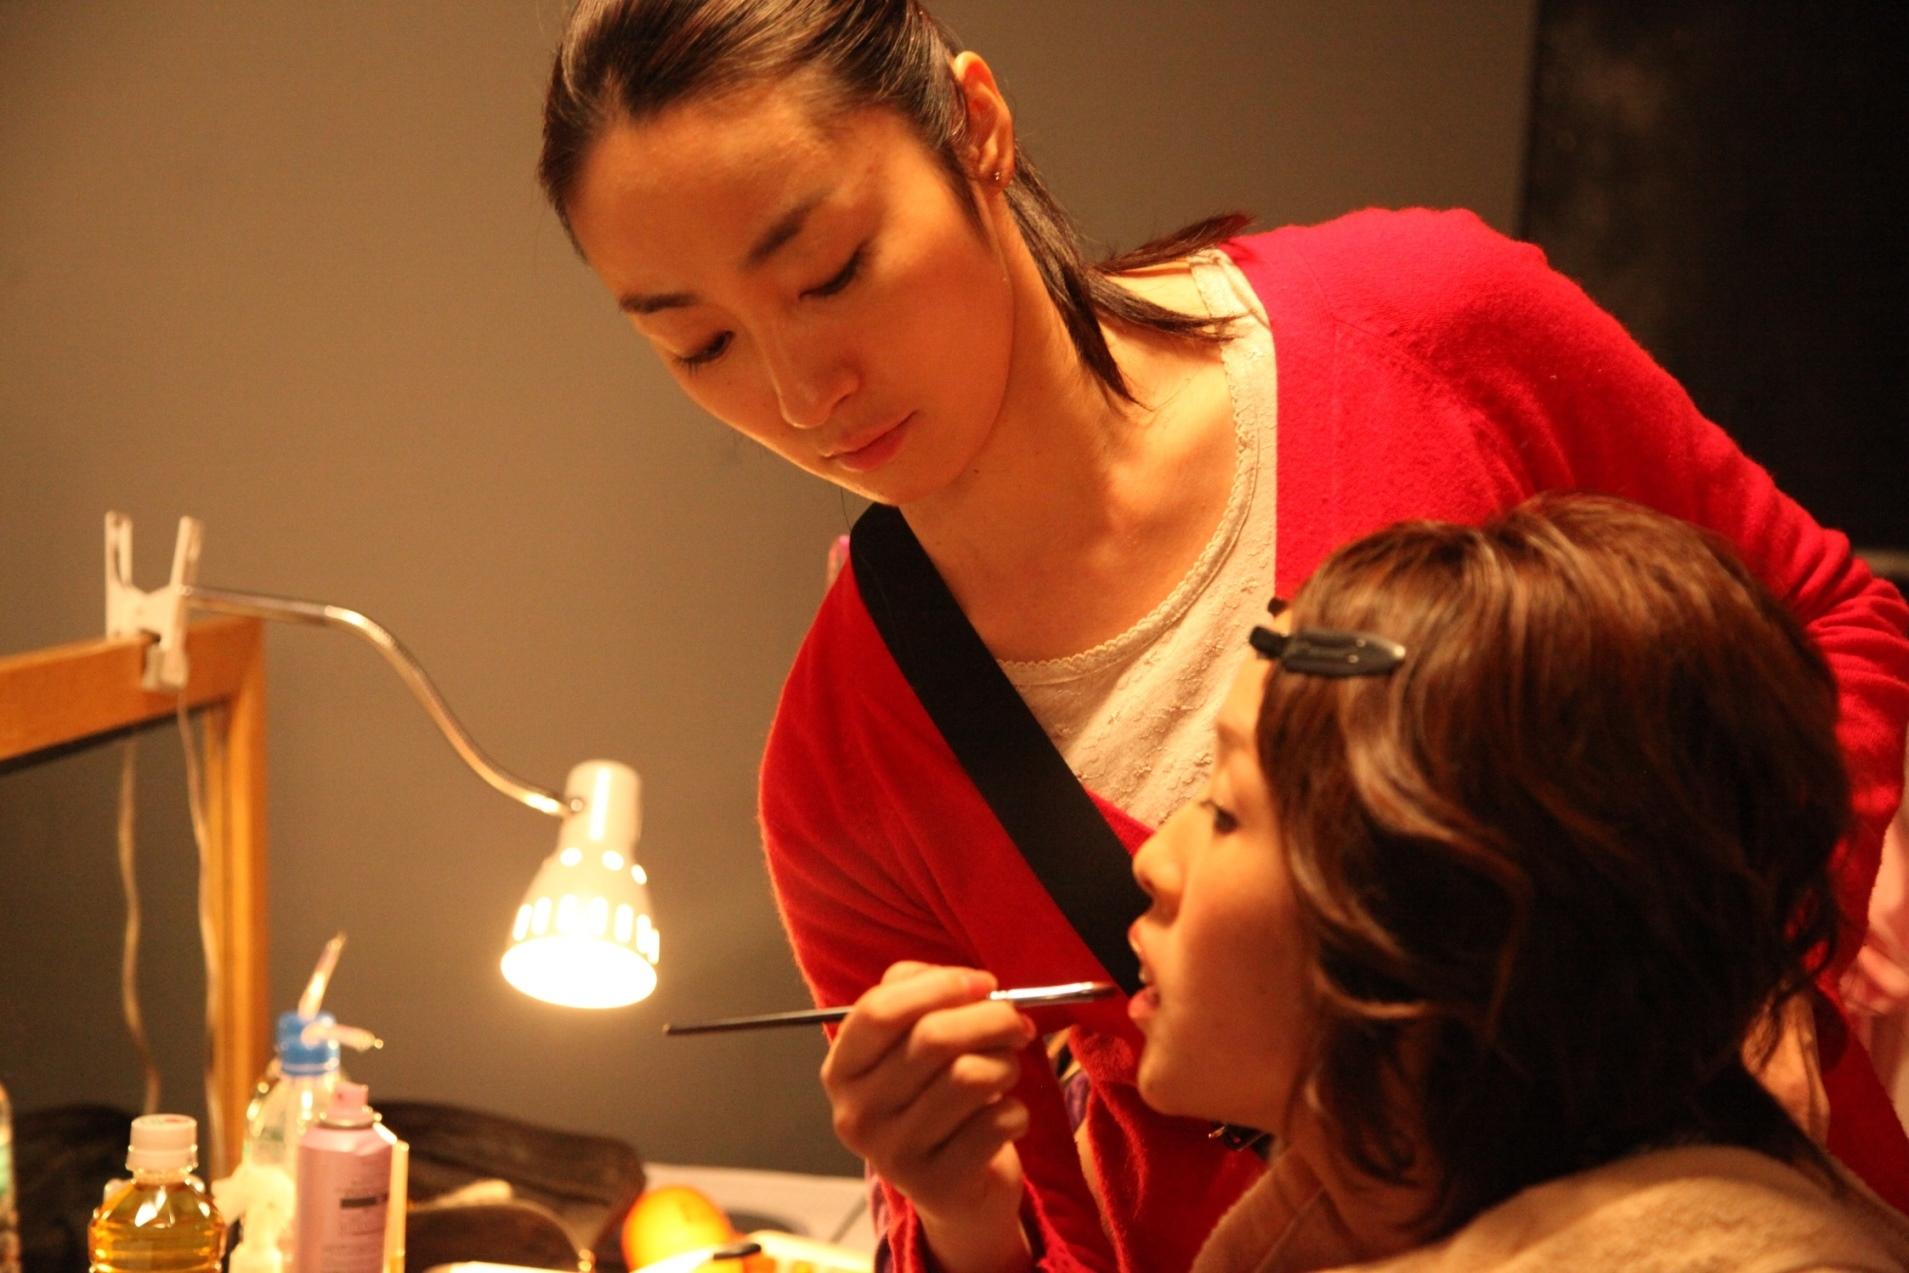 メイク・都築恭子を演じた森田亜紀。 女優たちを見守る母性……! (C)2014 映画『メイクルーム』製作委員会